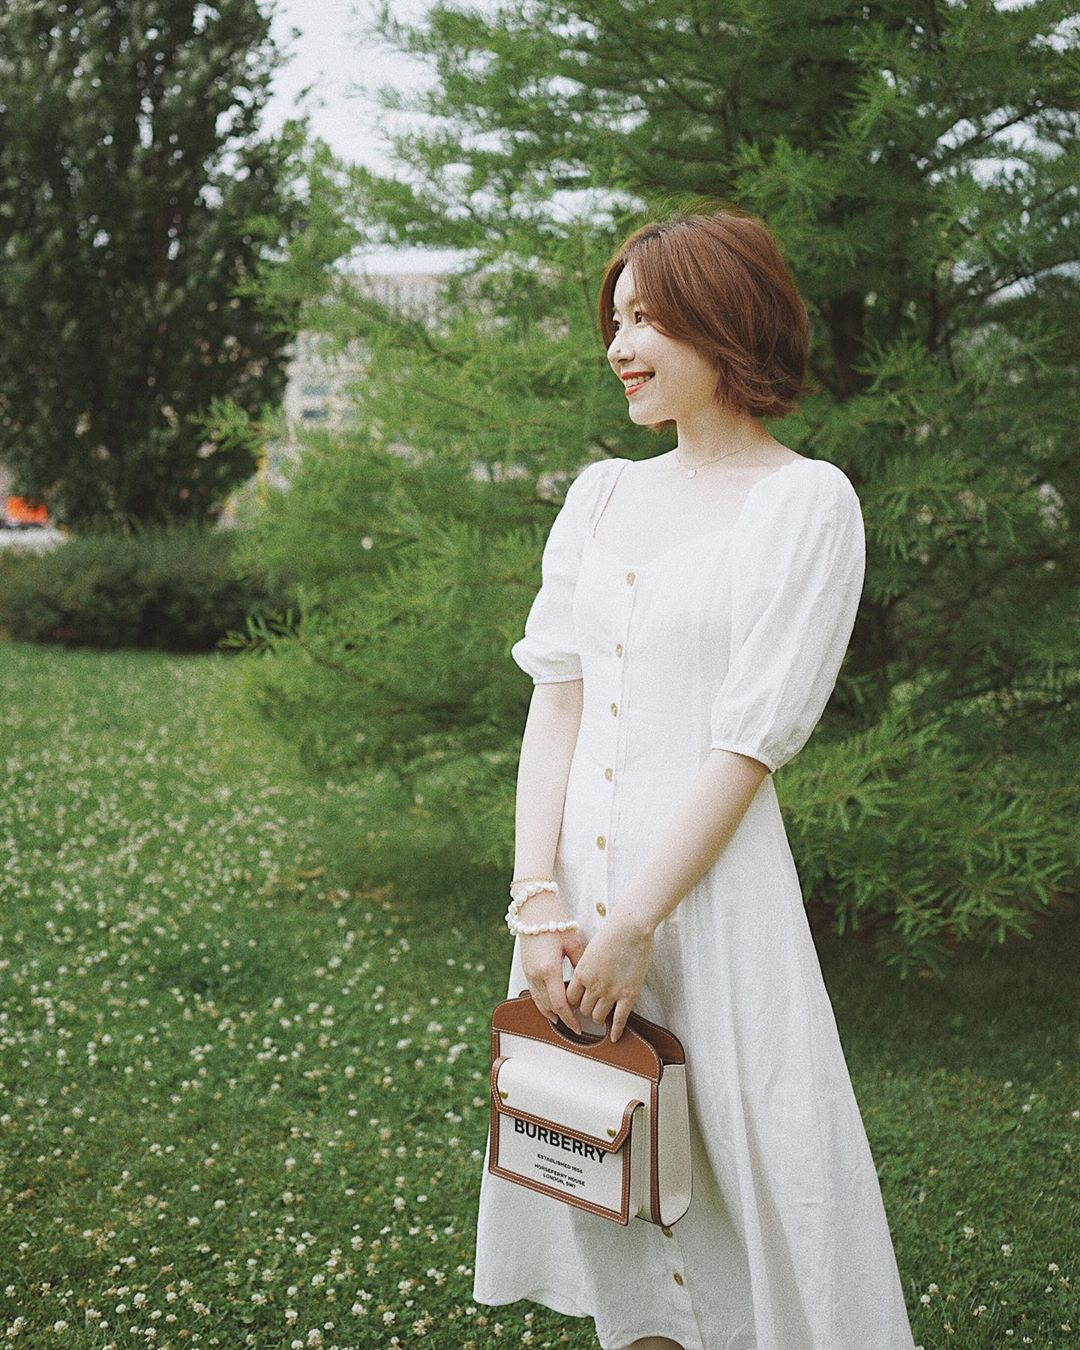 Ngắm Sam yêu kiều và sang chảnh bức người khi diện váy trắng, thế nào chị em cũng muốn sắm ngay vài chiếc-9